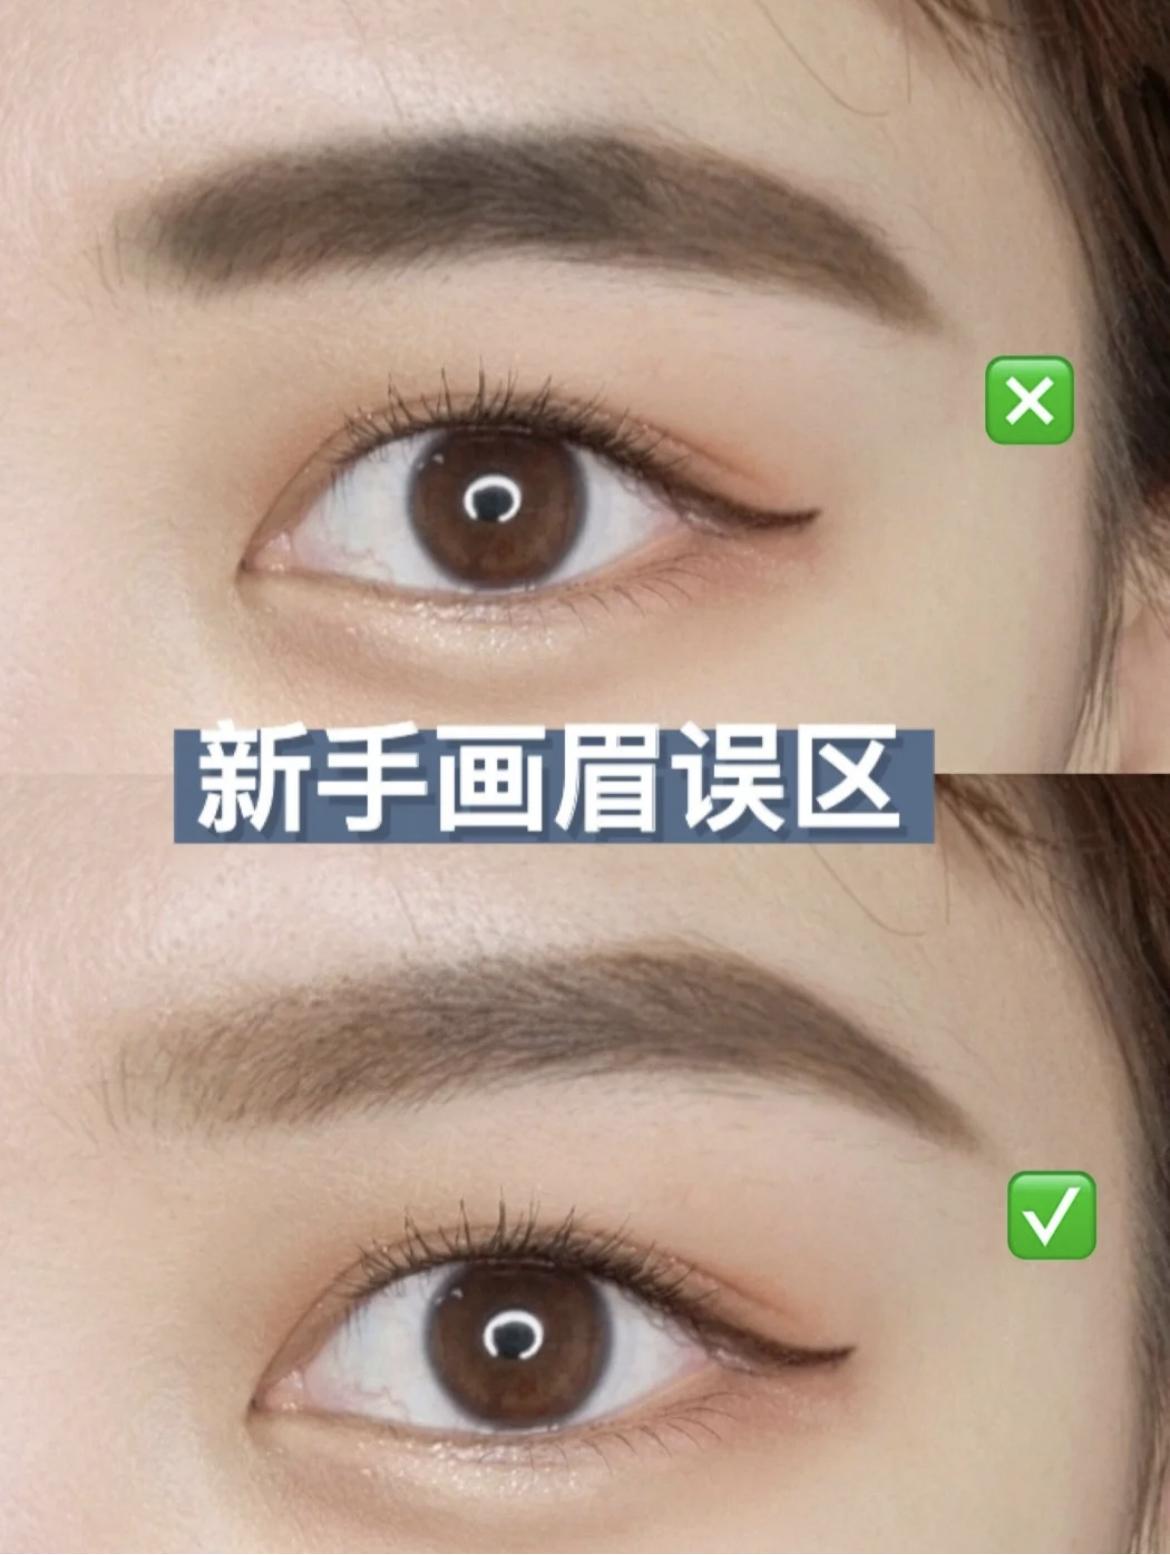 沒有層次感的眉毛容易看起來很死板。